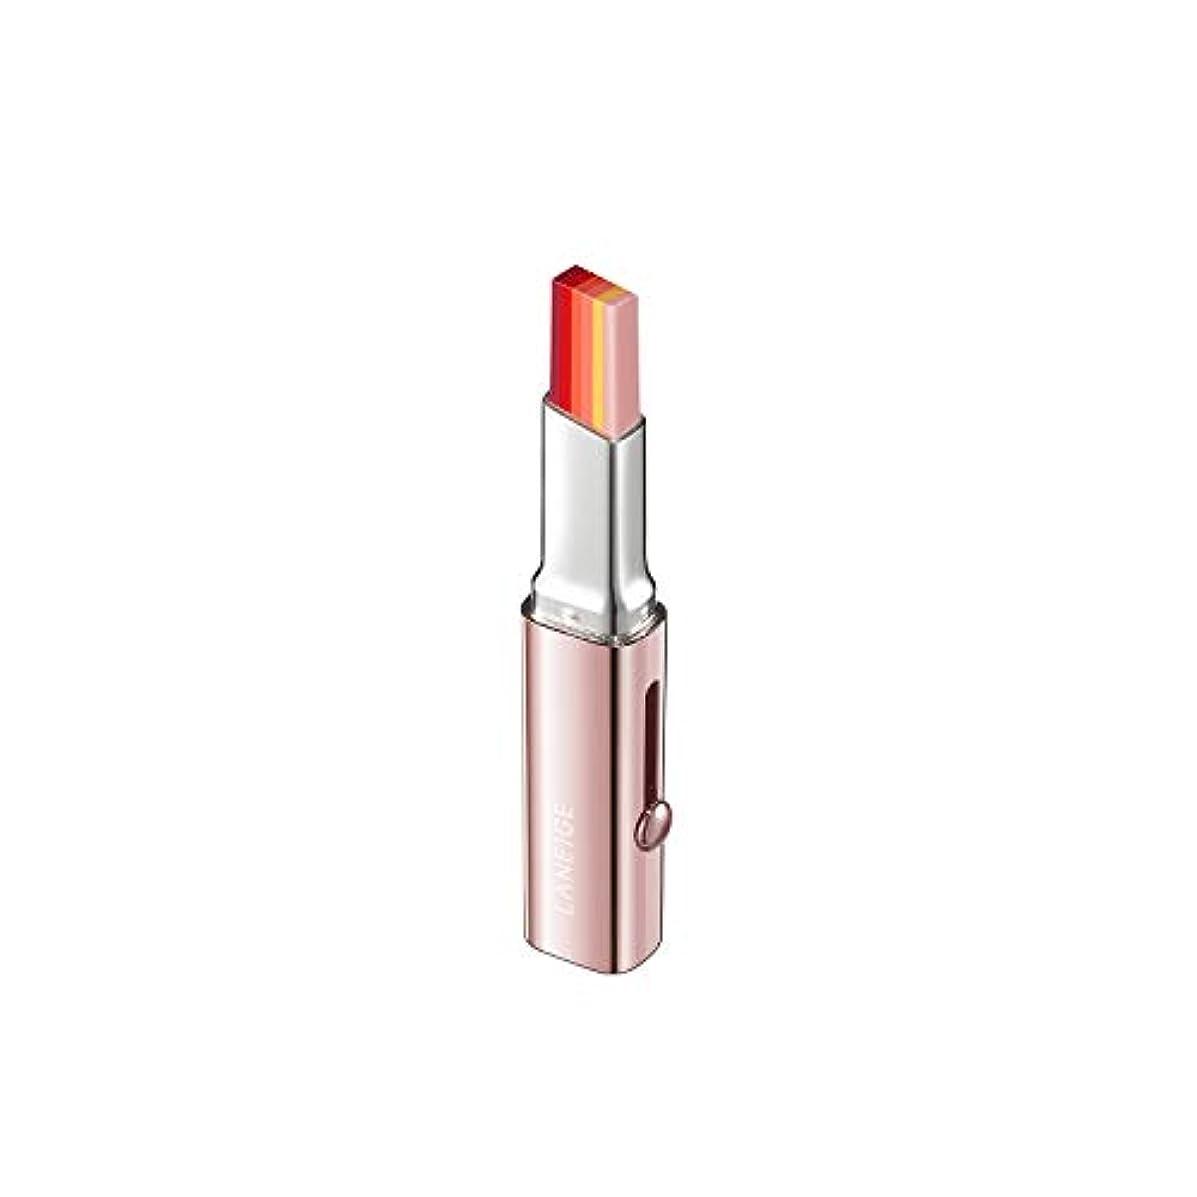 寄託ジャーナル記者【ラネージュ】階層リップバー(1.9G)/ Layering Lip Bar-6つのカラーでのグラデーションカラー演出 (#1 LAYERING FANTASY)